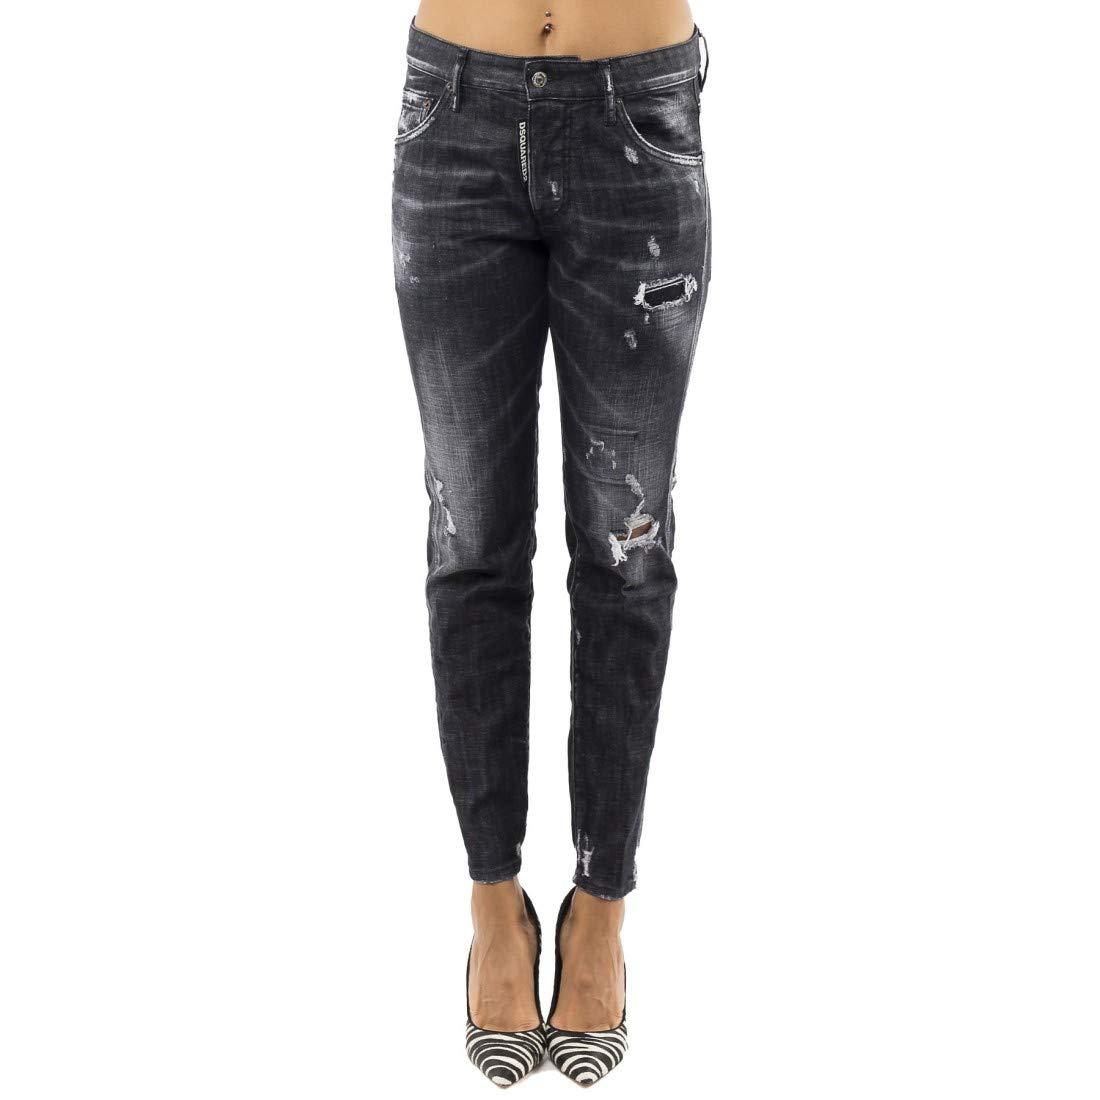 DSQUARED Pantalones vaqueros negro 40: Amazon.es: Ropa y ...